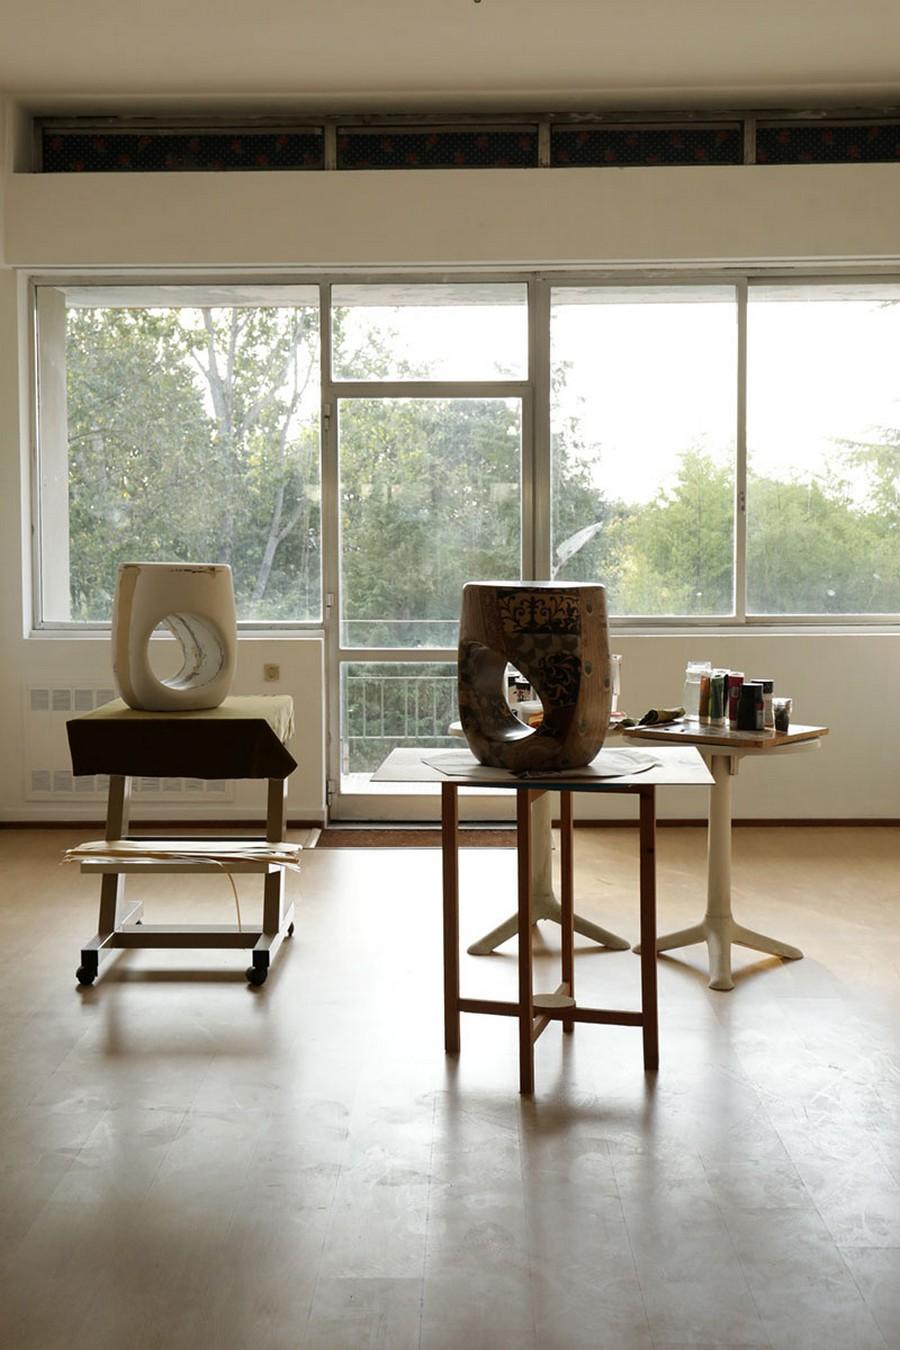 maison et objet Maison Et Objet: Discover Project Culture's Handcrafted Designs Maison Et Objet Discover Project Culture   s Handcrafted Designs 5